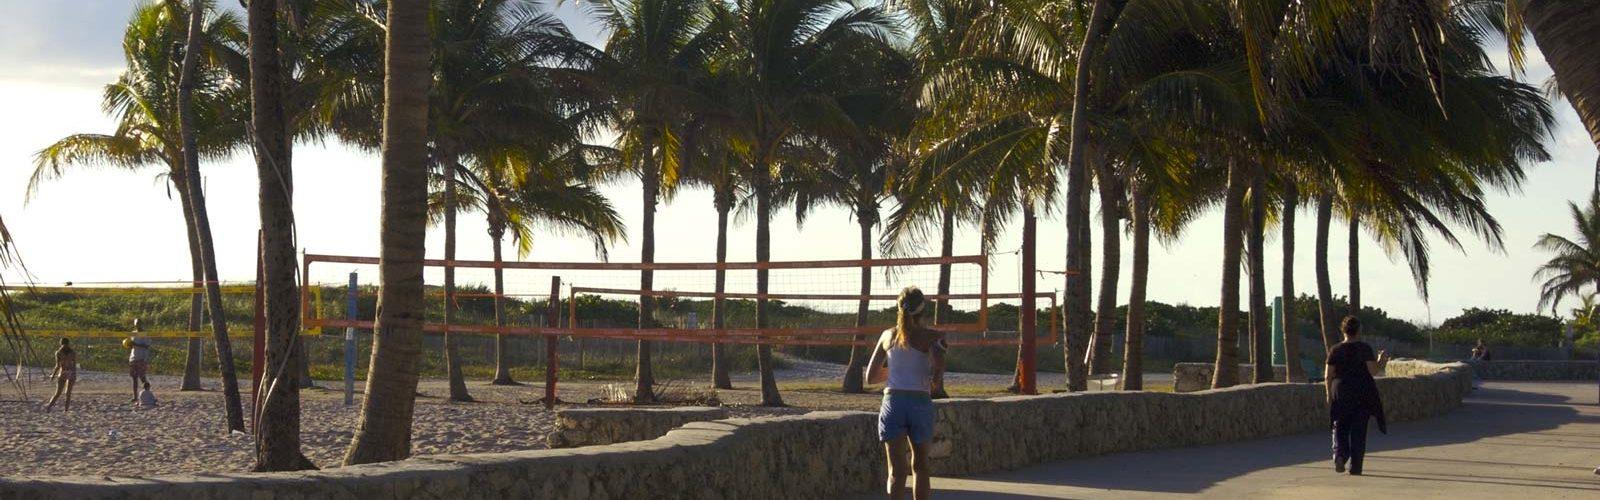 faire-sport-courir-yoga-velo-gym-gratuitement-miami-une